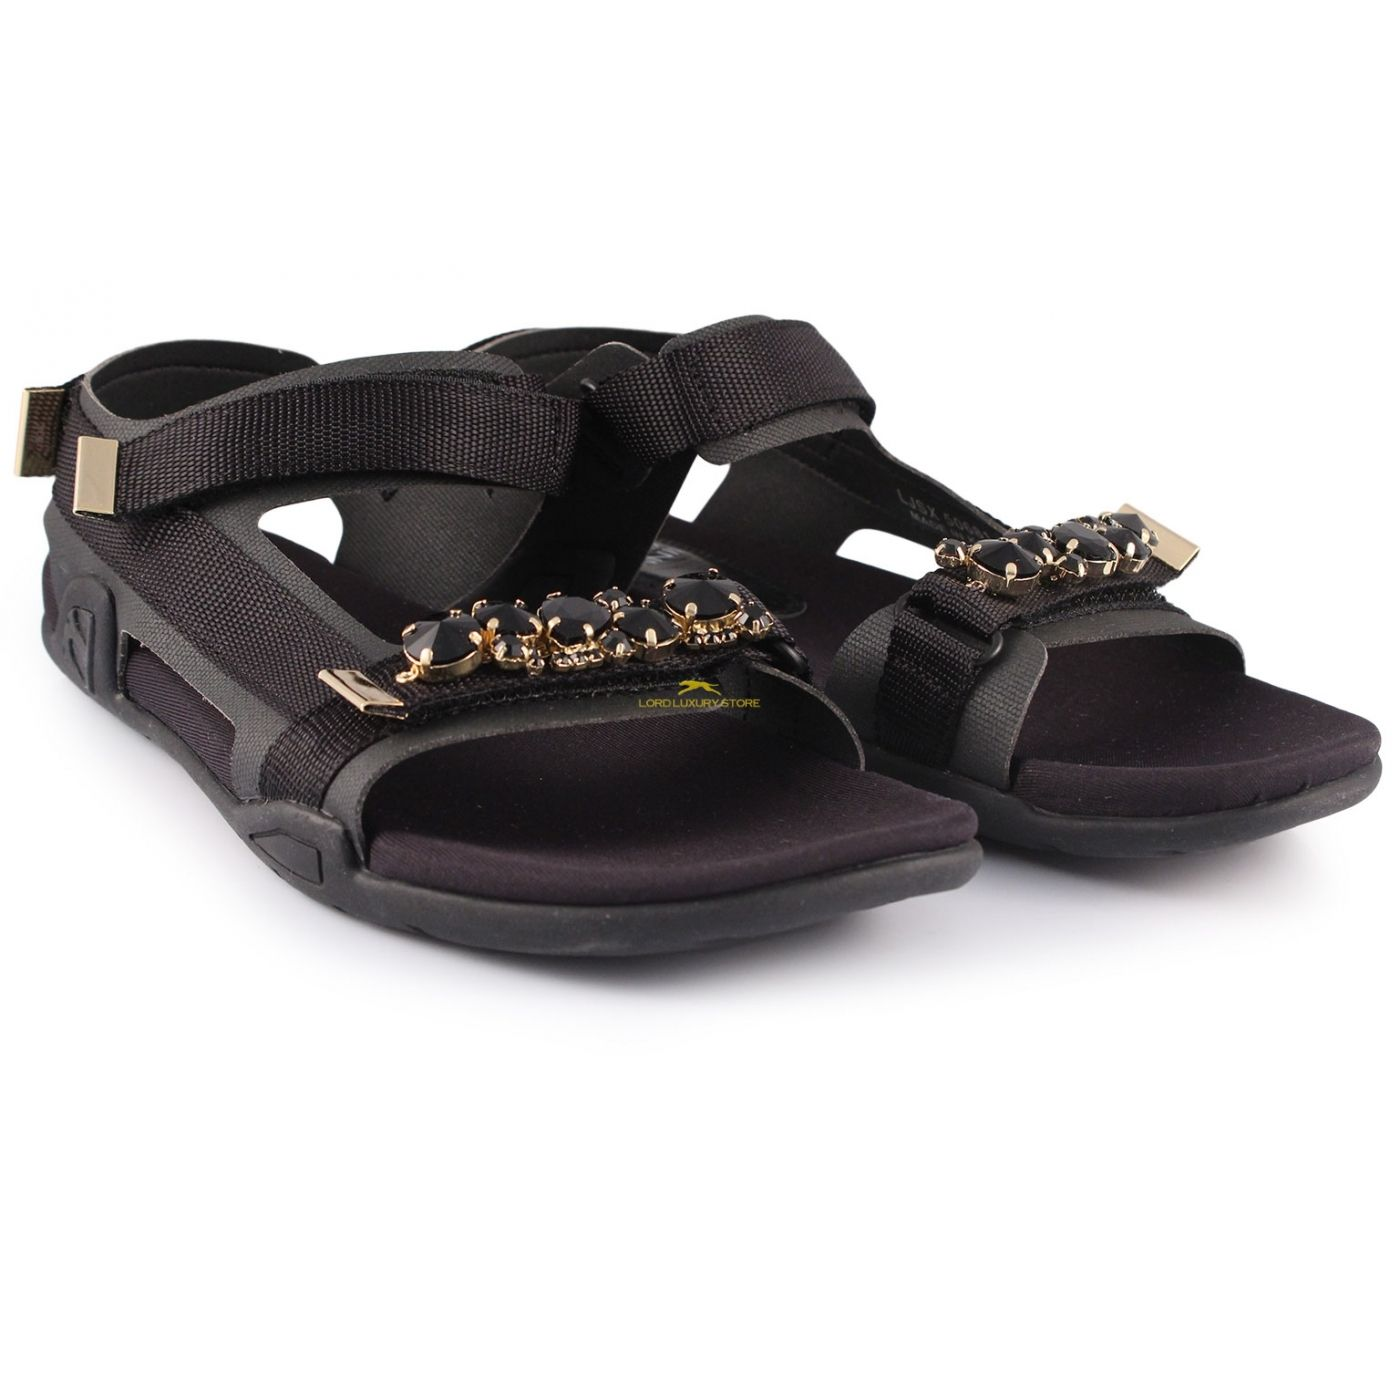 SUECOMMA BONNIE : sandali con suola in gomma, impreziositi con pietre nere per un' esplosione di allegria e di comodità! #sandali #sandaliestate2015 #sandaliSueCommaBonnie #sandaliconpietremulticolor #MontorsiGiorgioboutique